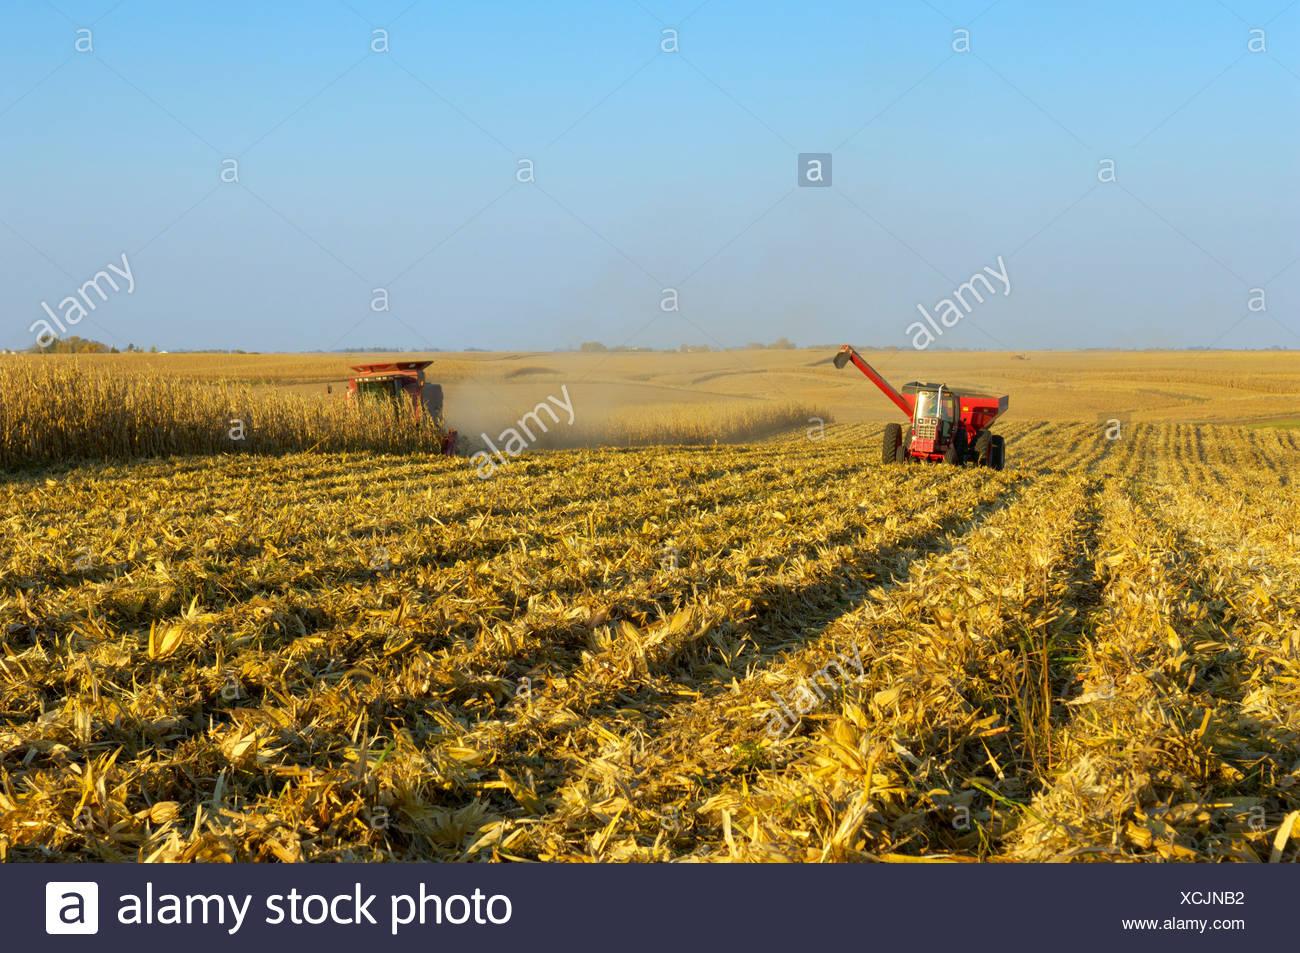 Una cosechadora cosecha una cosecha de grano de maíz en un gran campo de grano, con un carro de grano junto con cerca / Iowa, EE.UU. Imagen De Stock